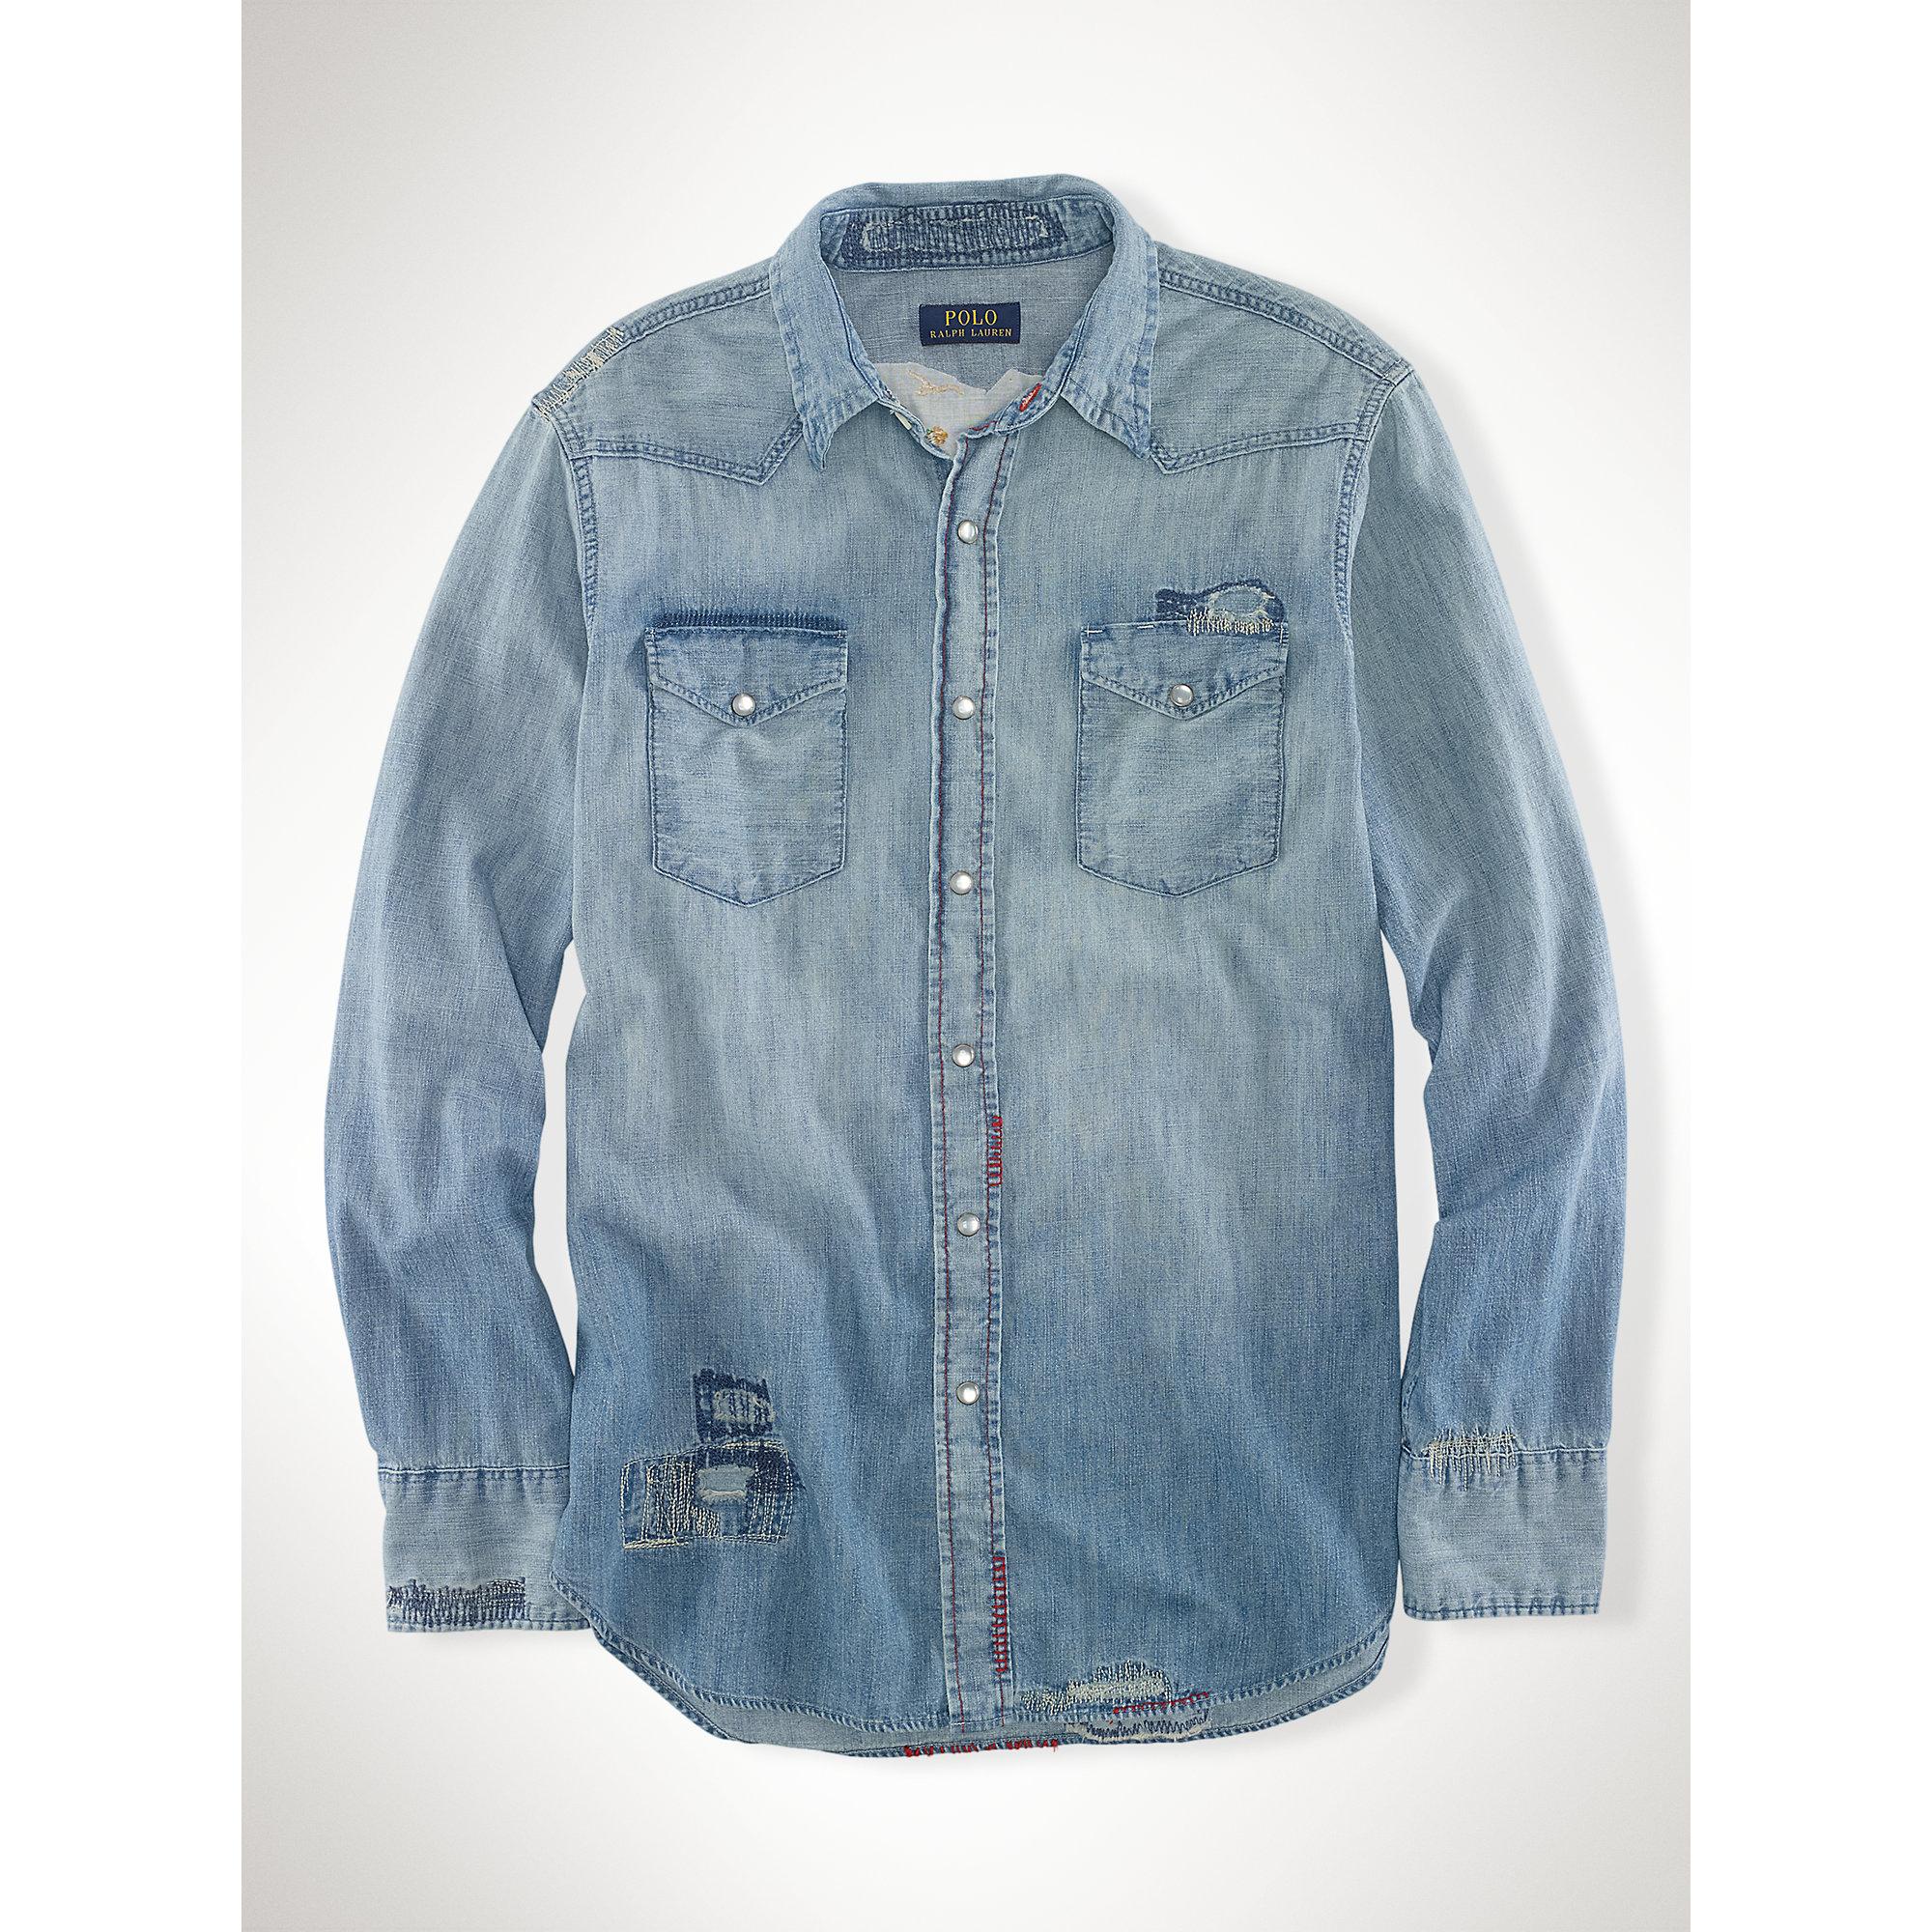 Polo ralph lauren embroidered denim workshirt in blue for for Work polo shirts embroidered